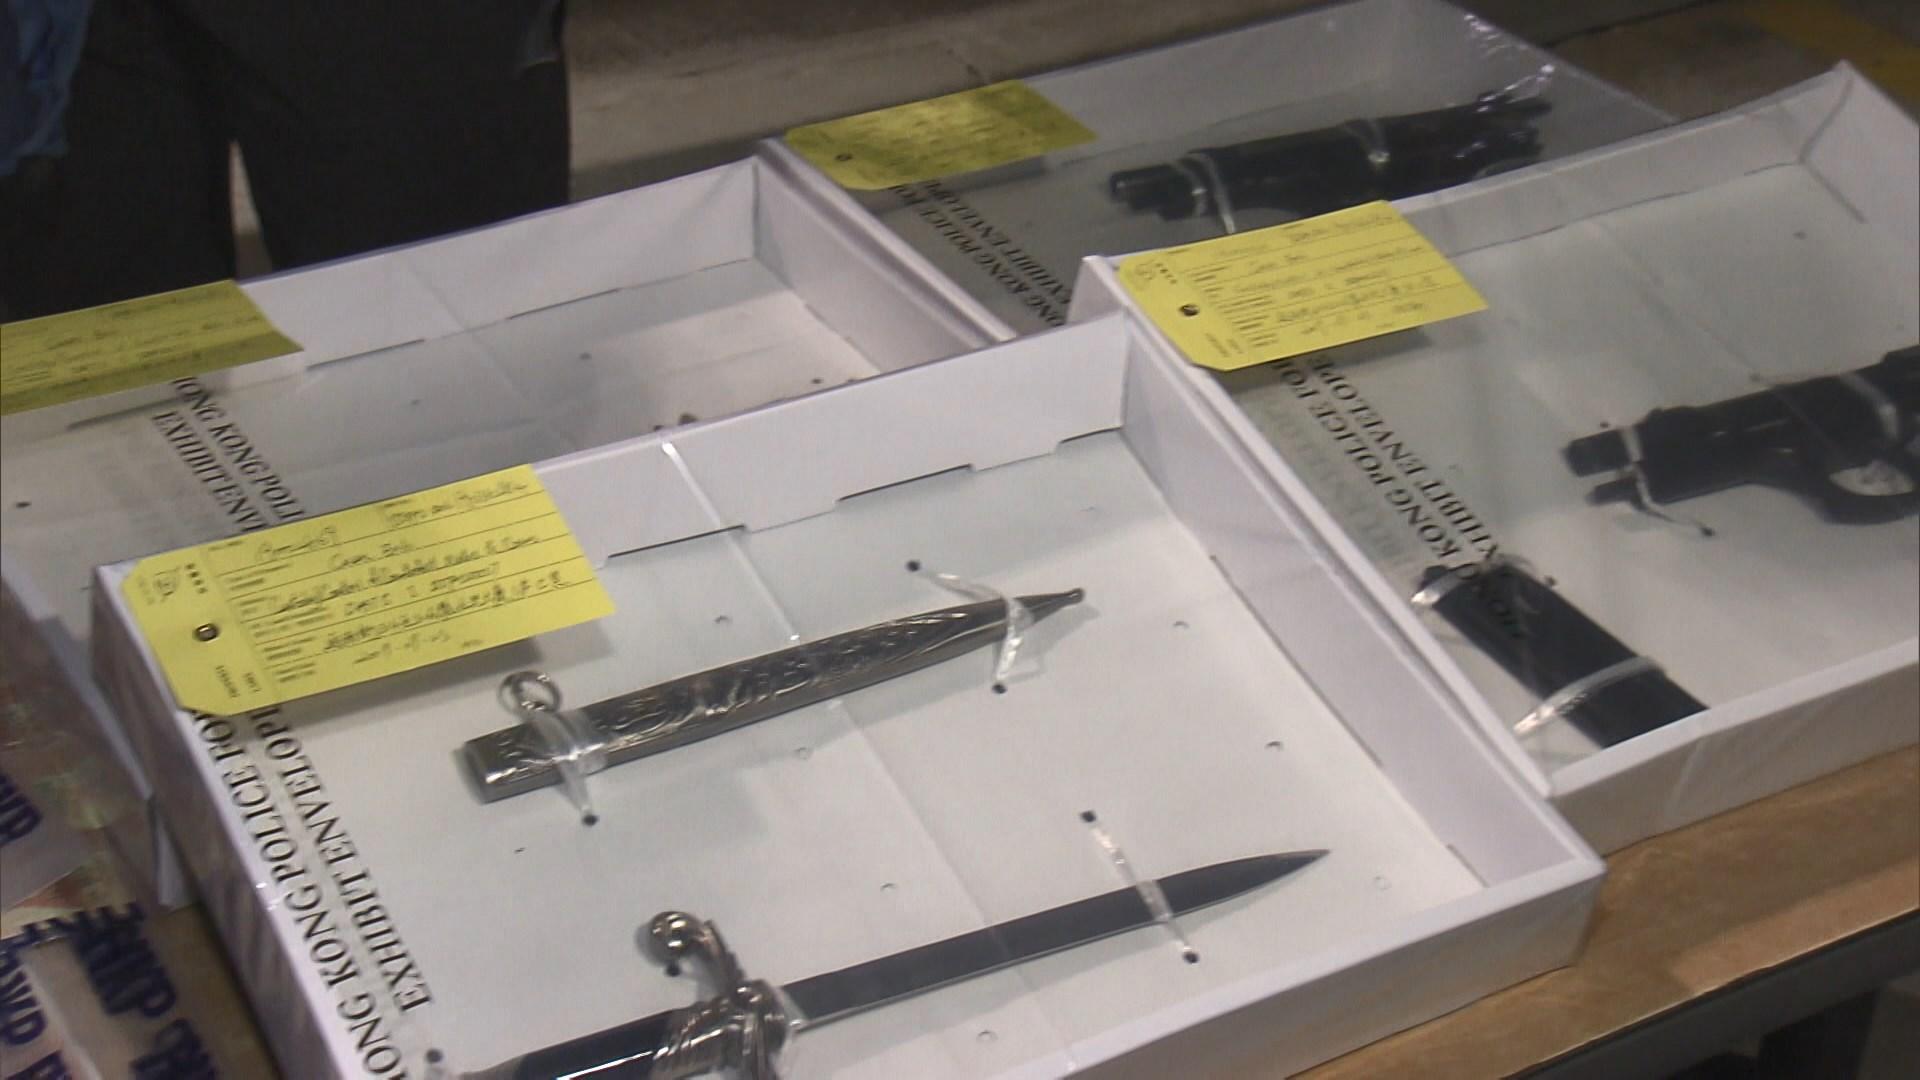 警拘四人檢萬元偽鈔、刀及仿真槍